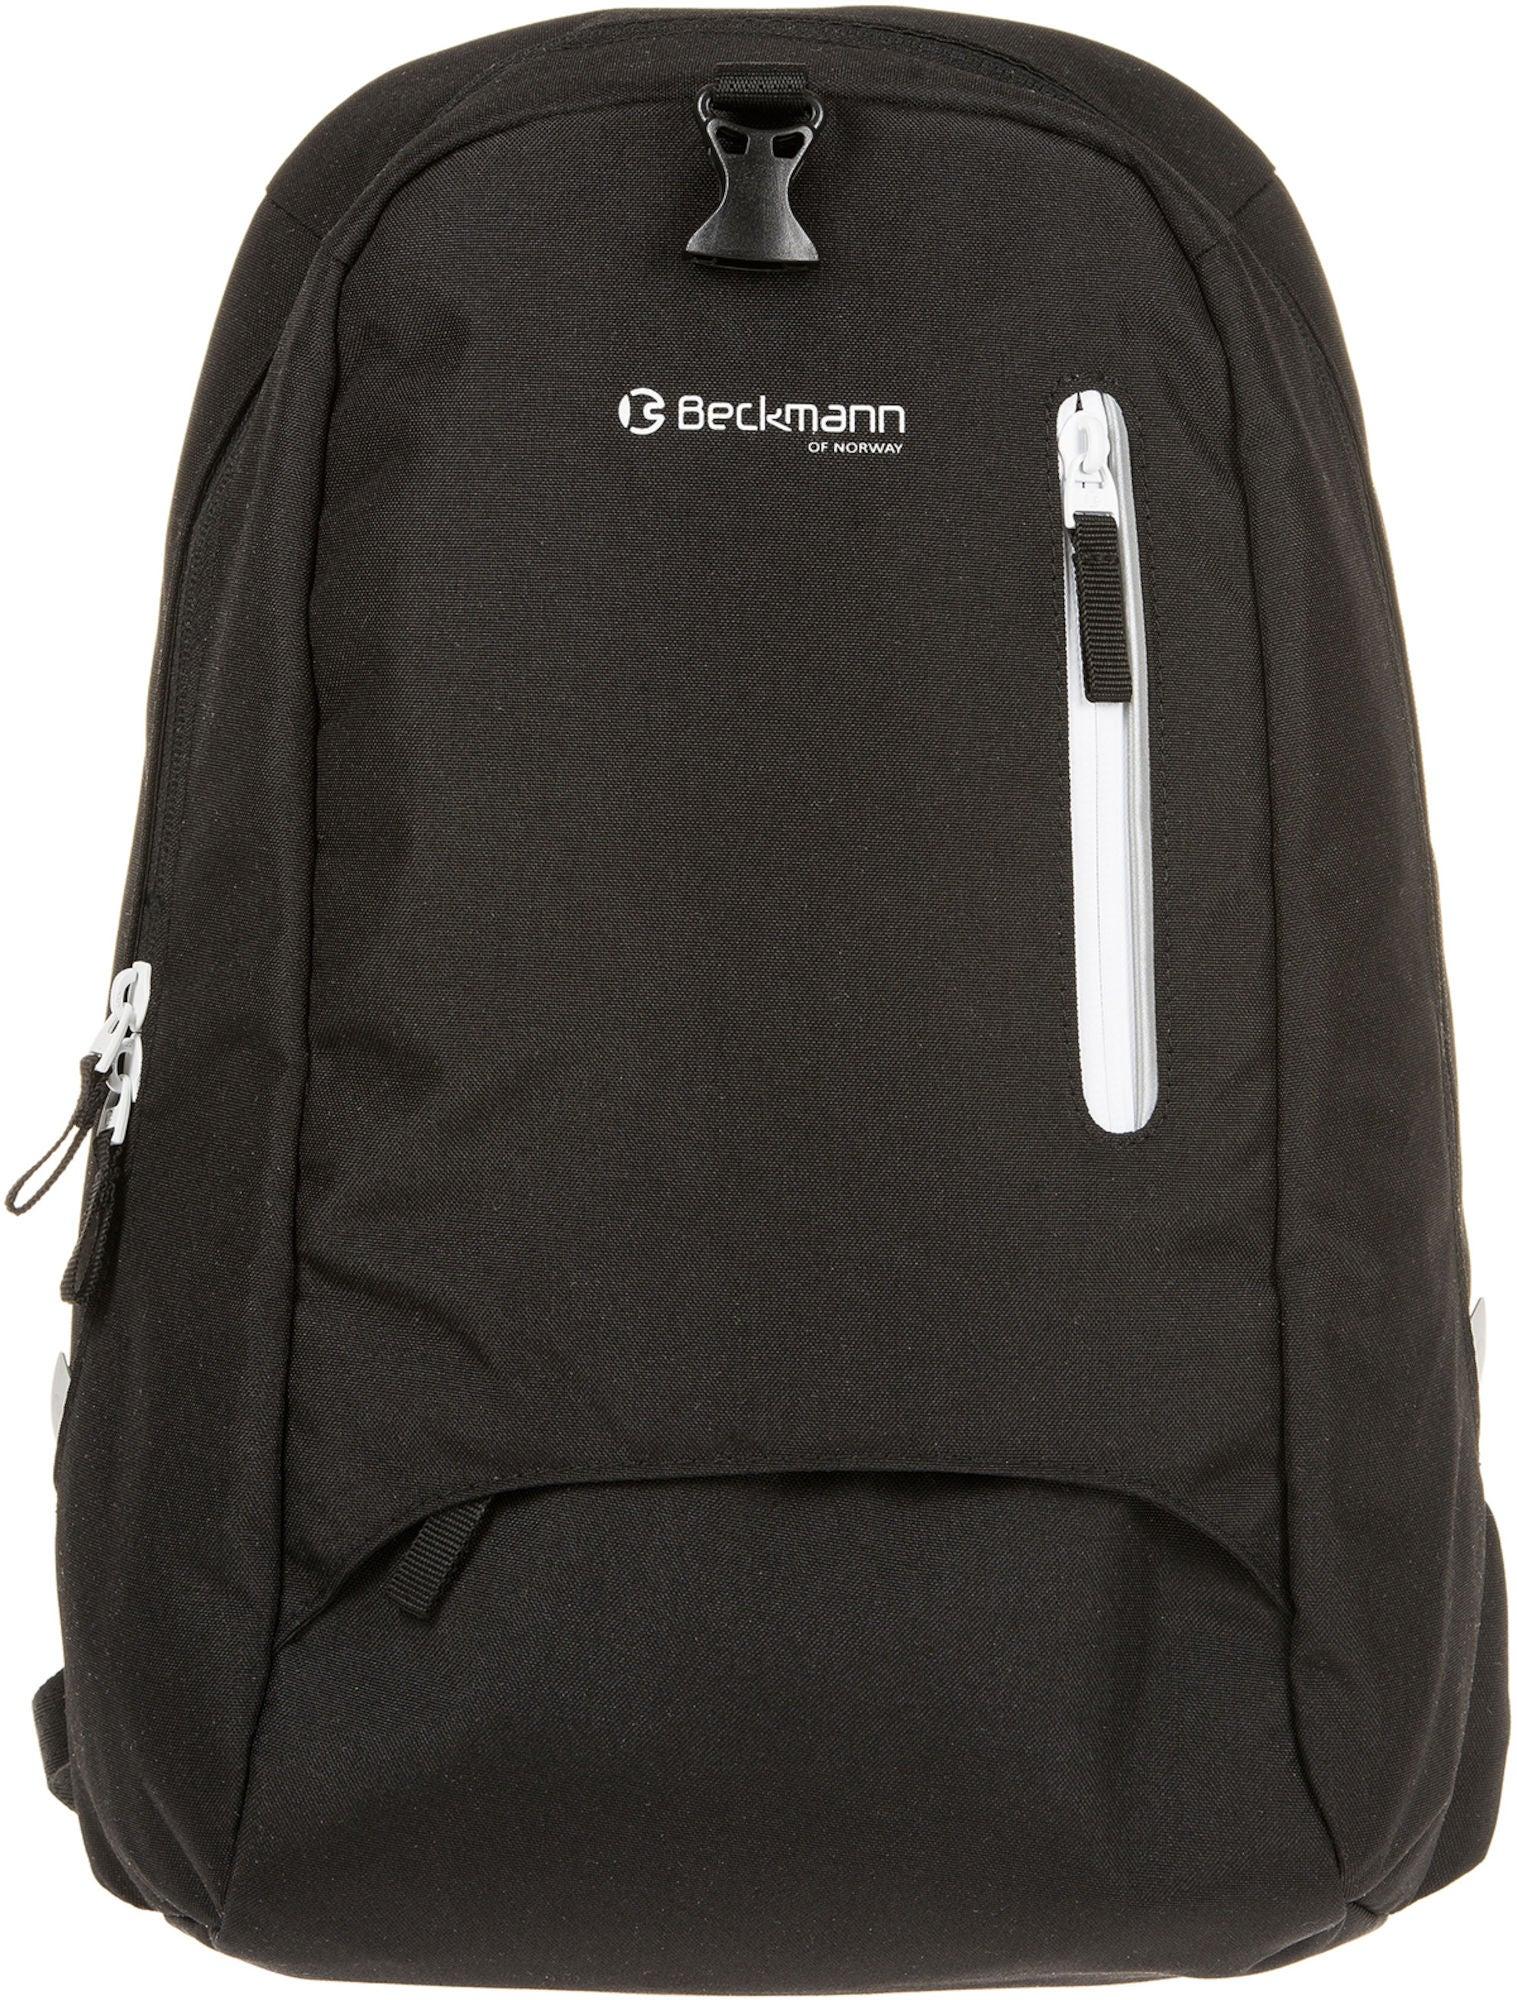 Køb Beckmann Rygsæk 16 L, Black | Jollyroom